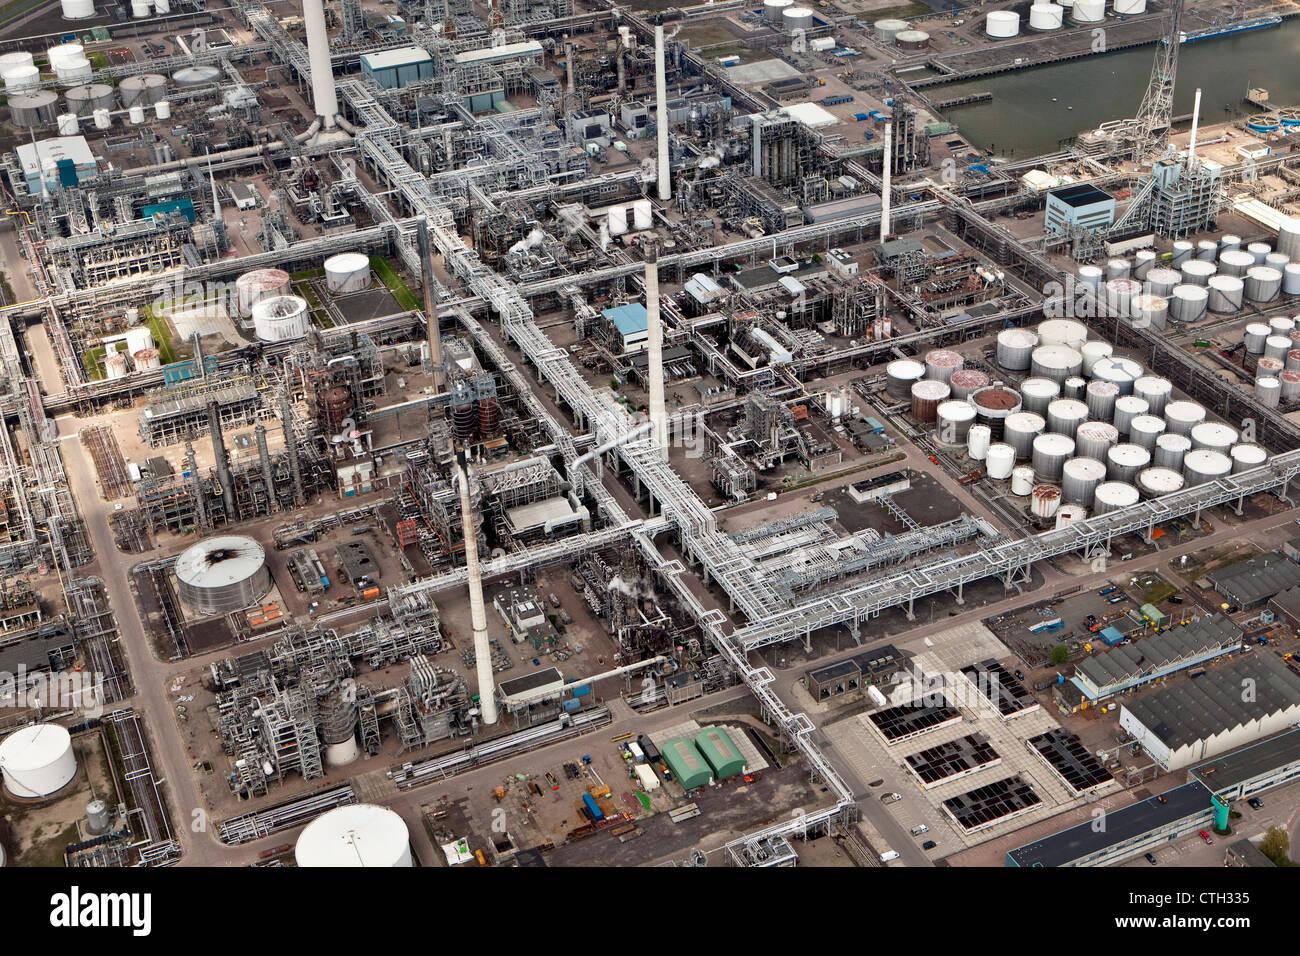 Les Pays-Bas, Rotterdam, l'industrie pétrochimique. Les pipelines. Vue aérienne. Photo Stock